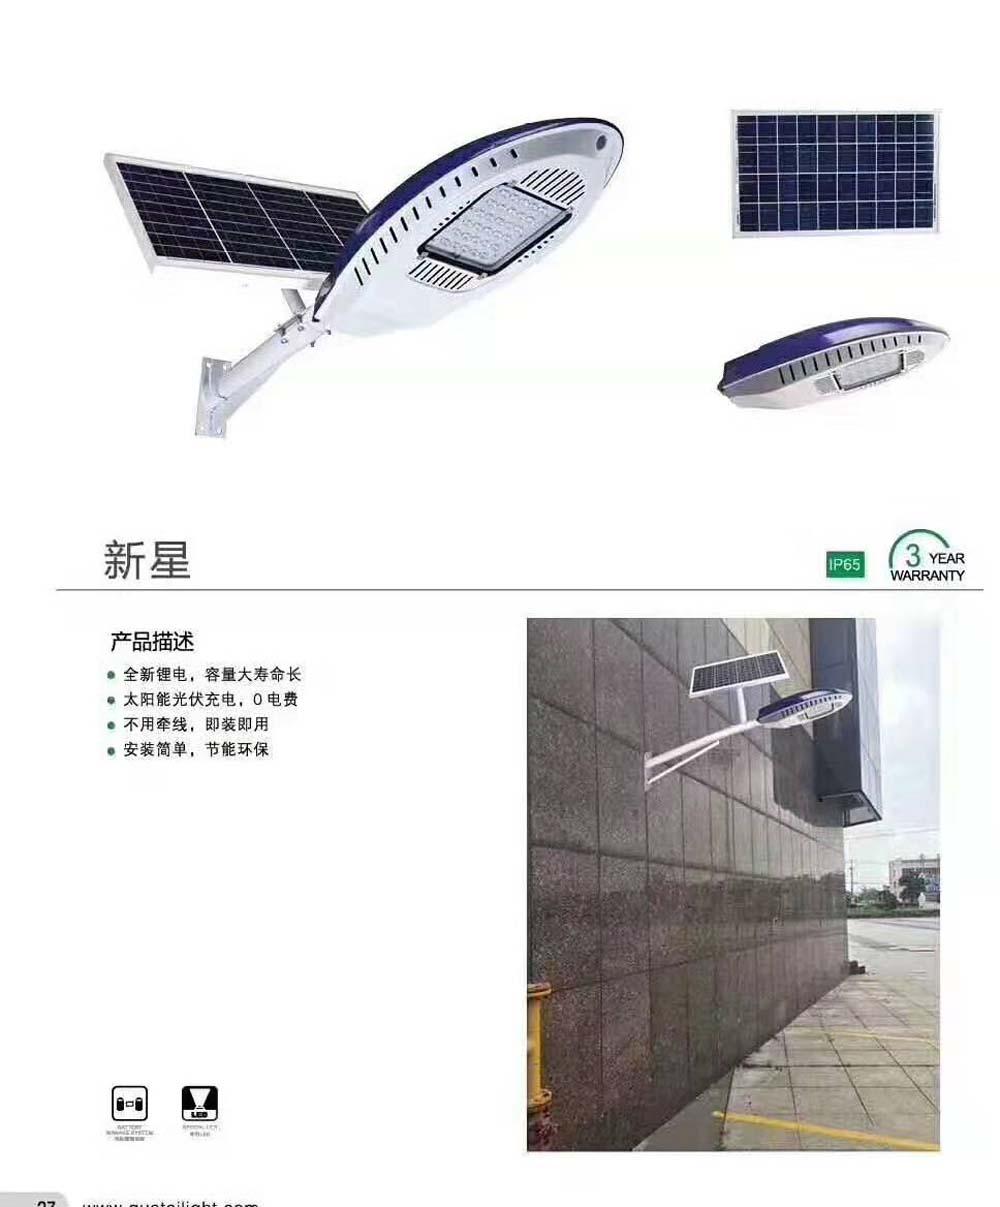 新星型太阳能二体灯